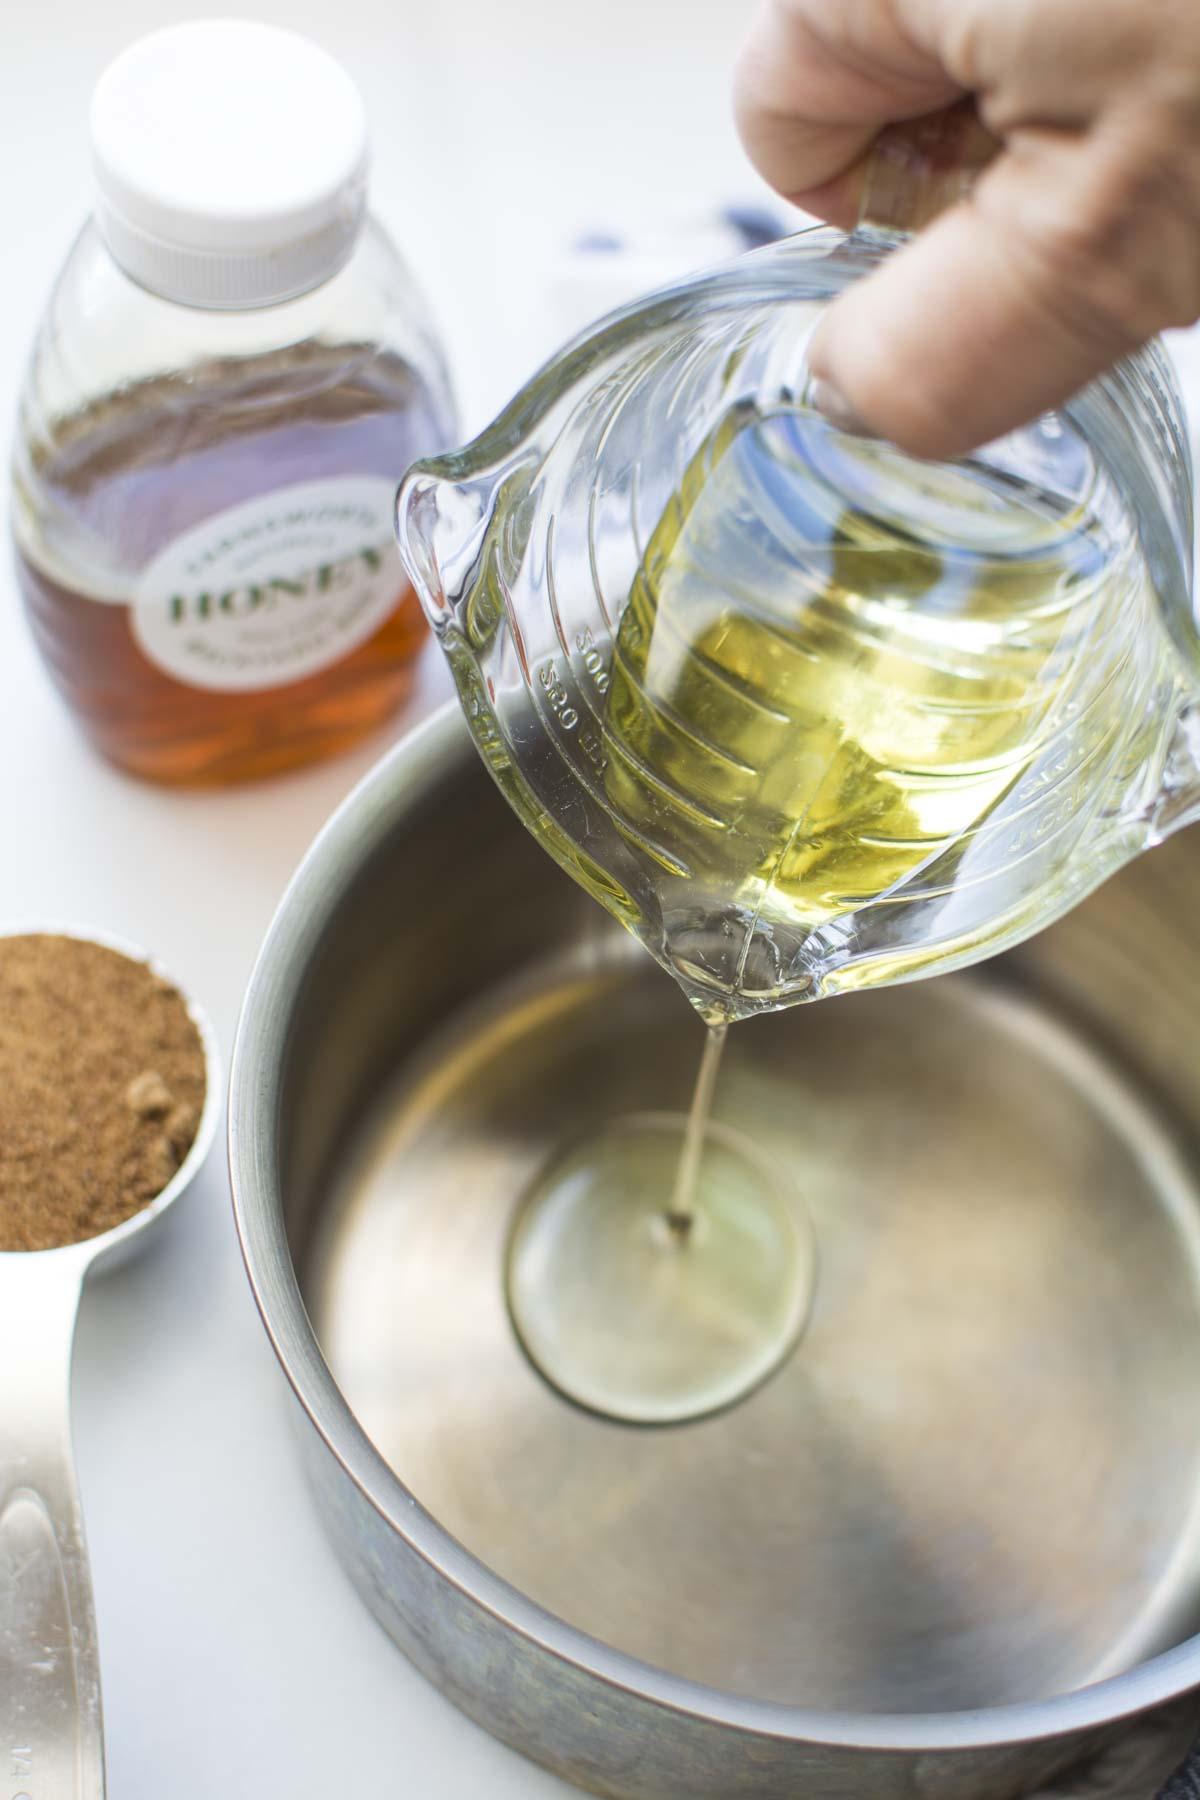 Oil pouring into a saucepan